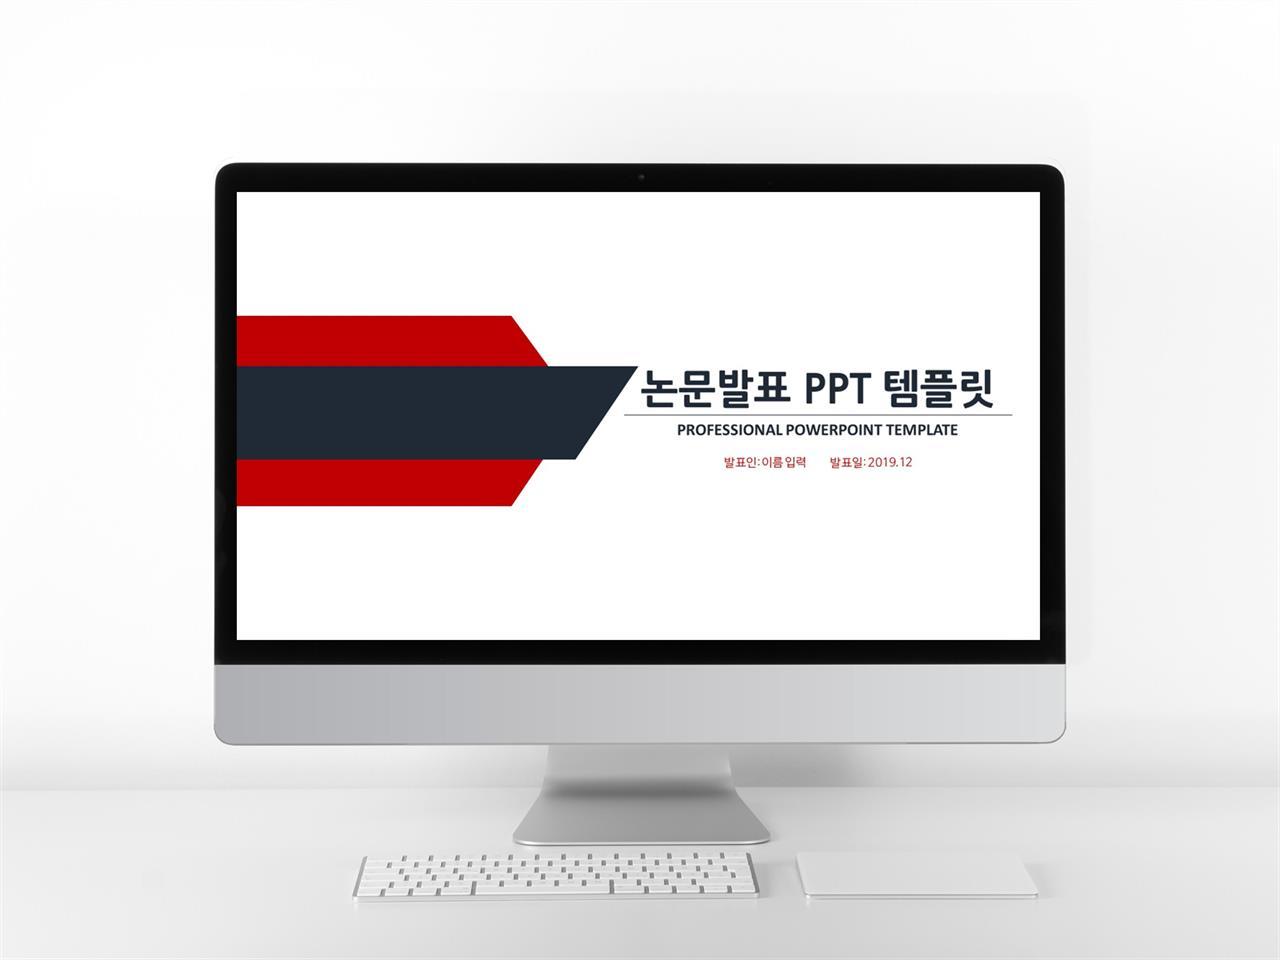 연구계획서 레드색 산뜻한 고급스럽운 파워포인트템플릿 사이트 미리보기